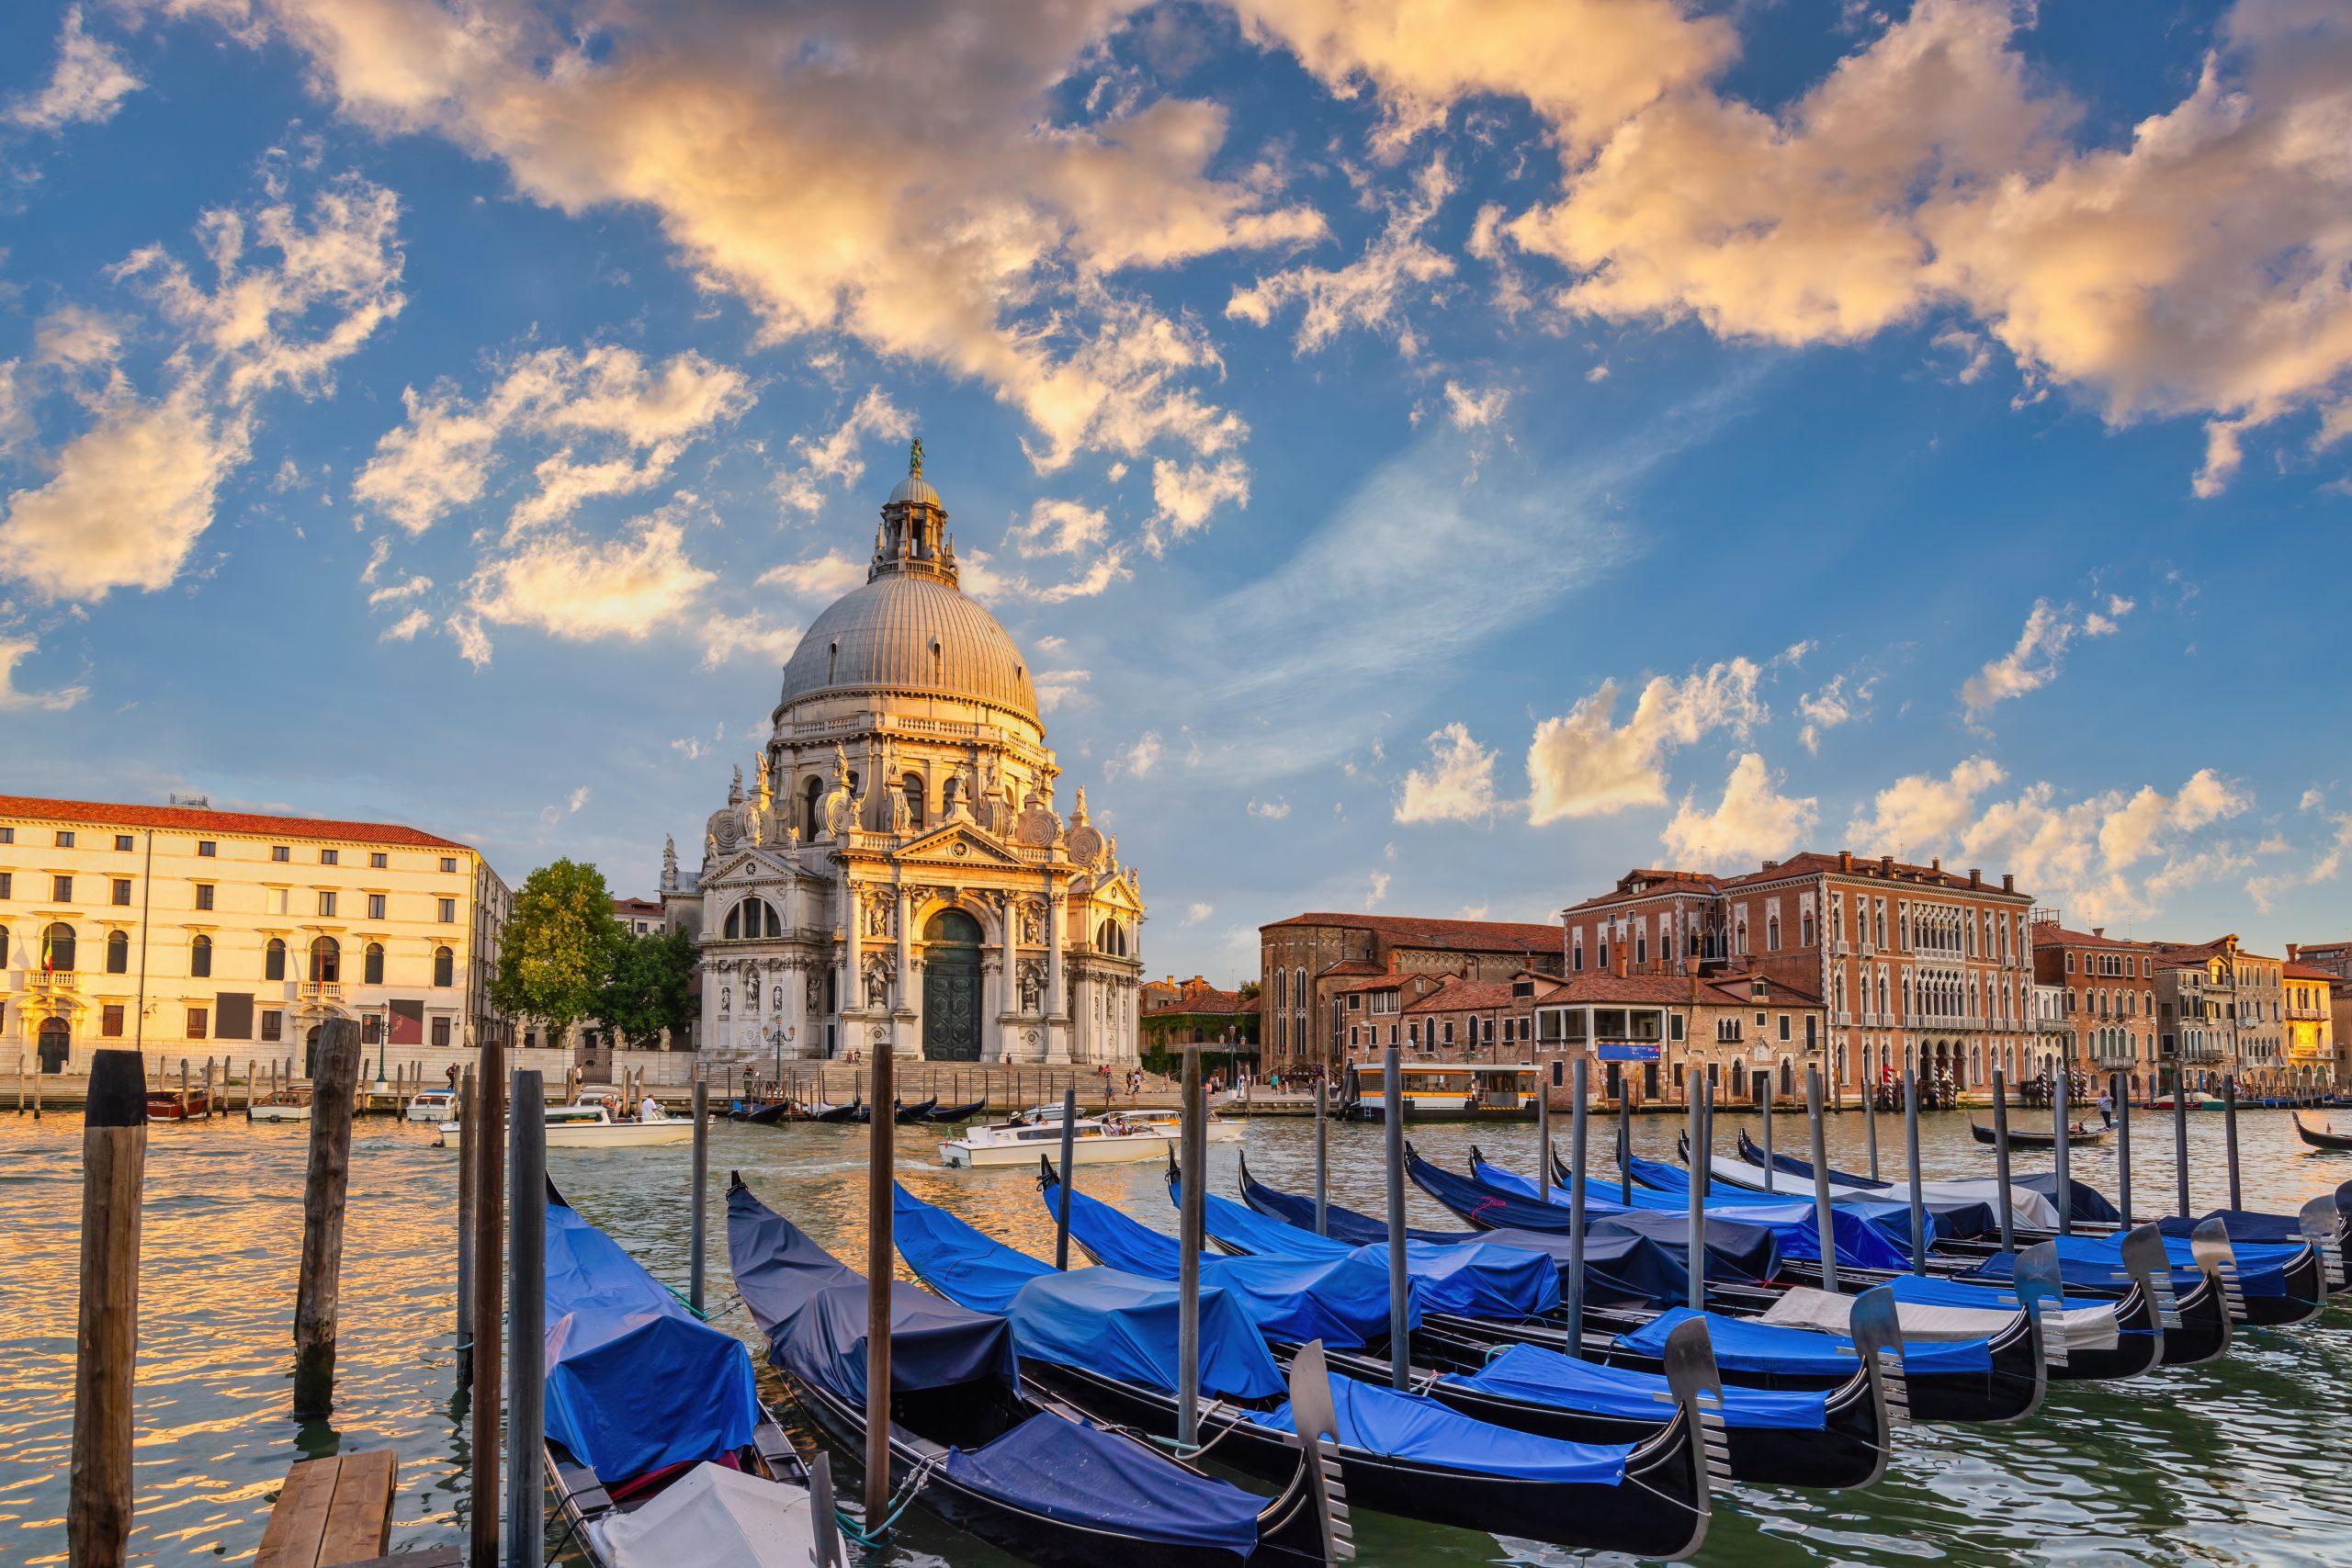 Gondole w Wenecji, ceny - wszystko co powinieneś wiedzieć o wynajęciu gondoli